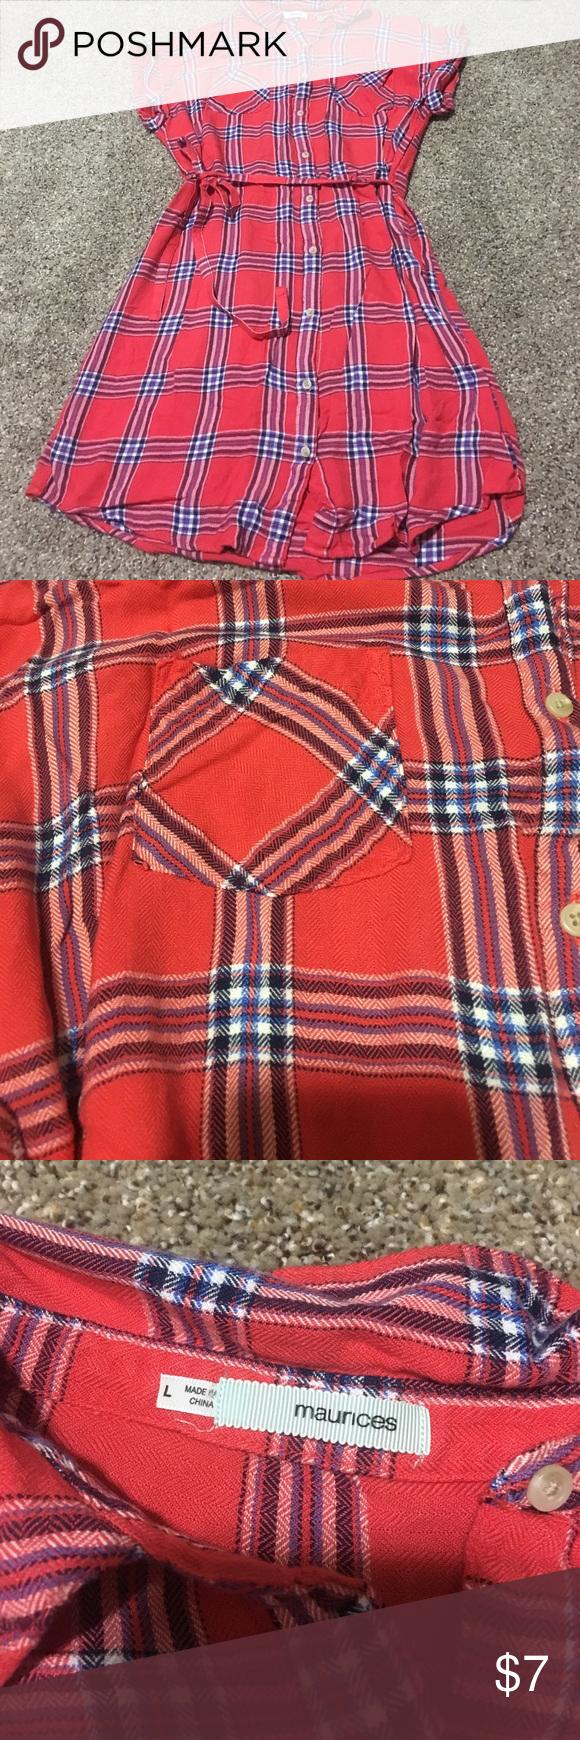 Orange flannel jacket  Redorange flannel shirt dress  Red orange color Flannel shirts